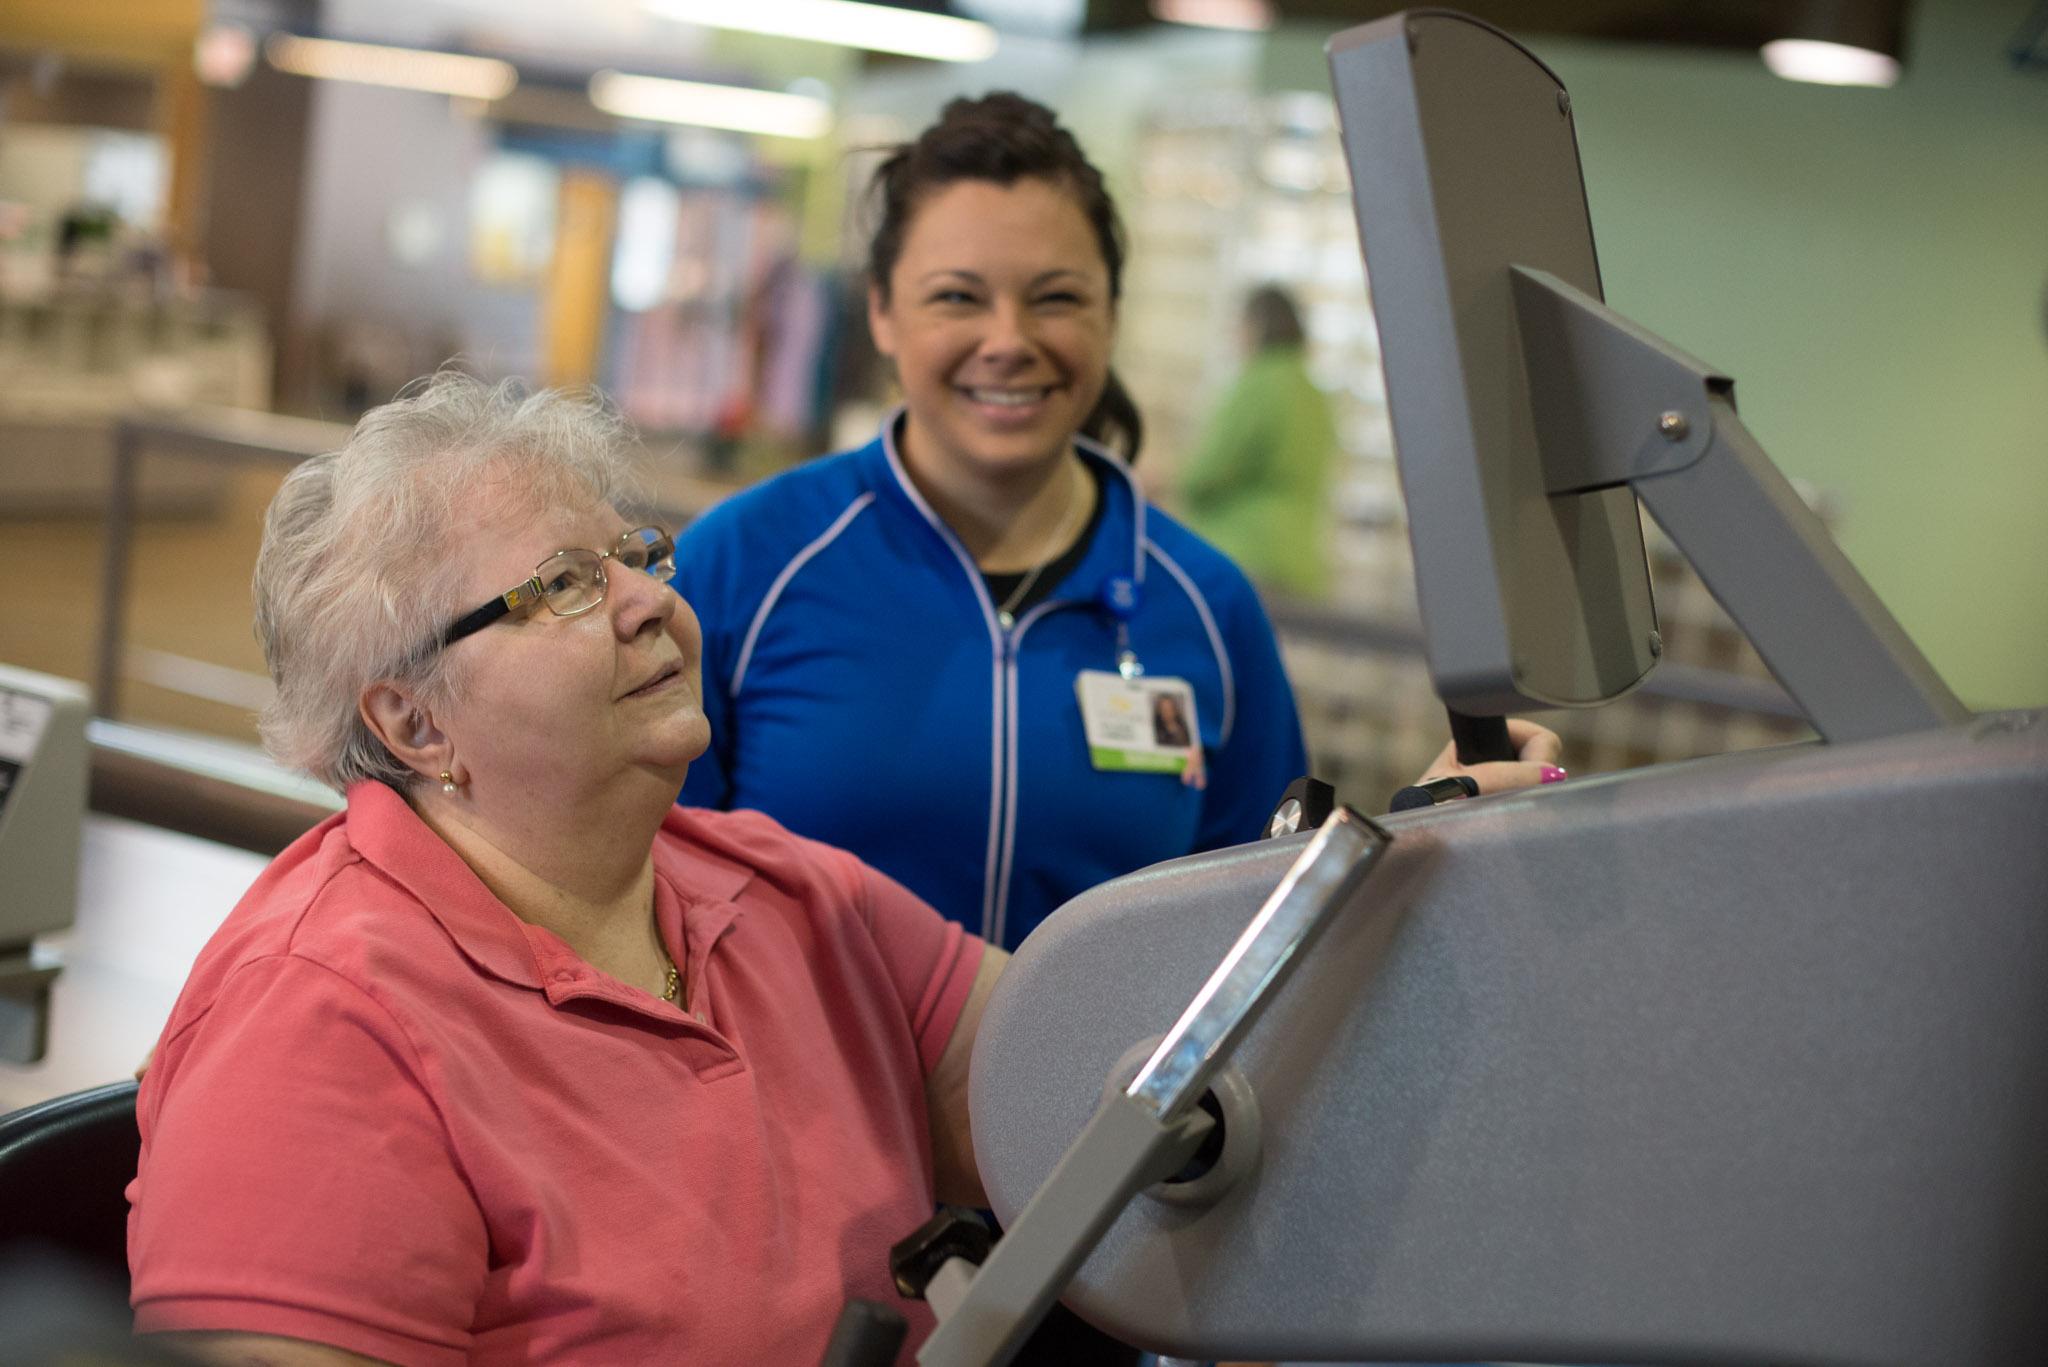 Wellness Center Stock Photos-1158.jpg